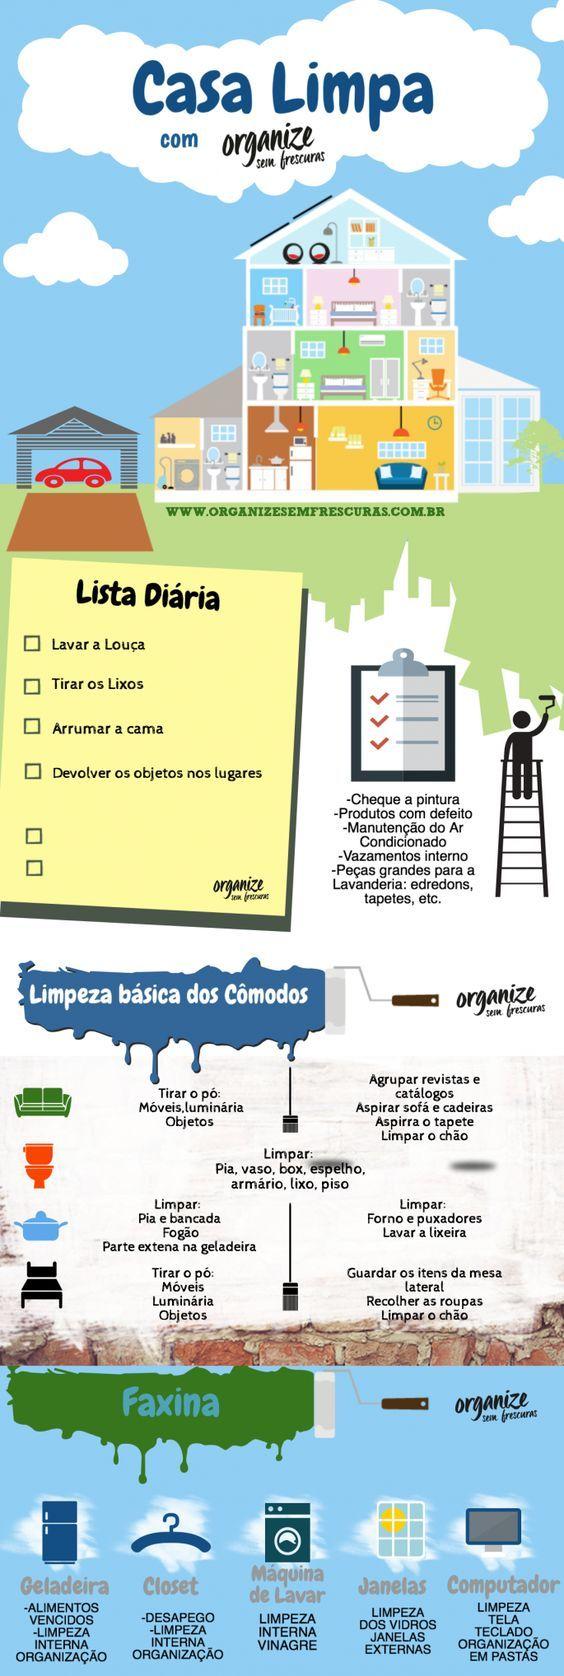 Infogr Fico Da Limpeza E Faxina Da Casa Pinterest Cronograma